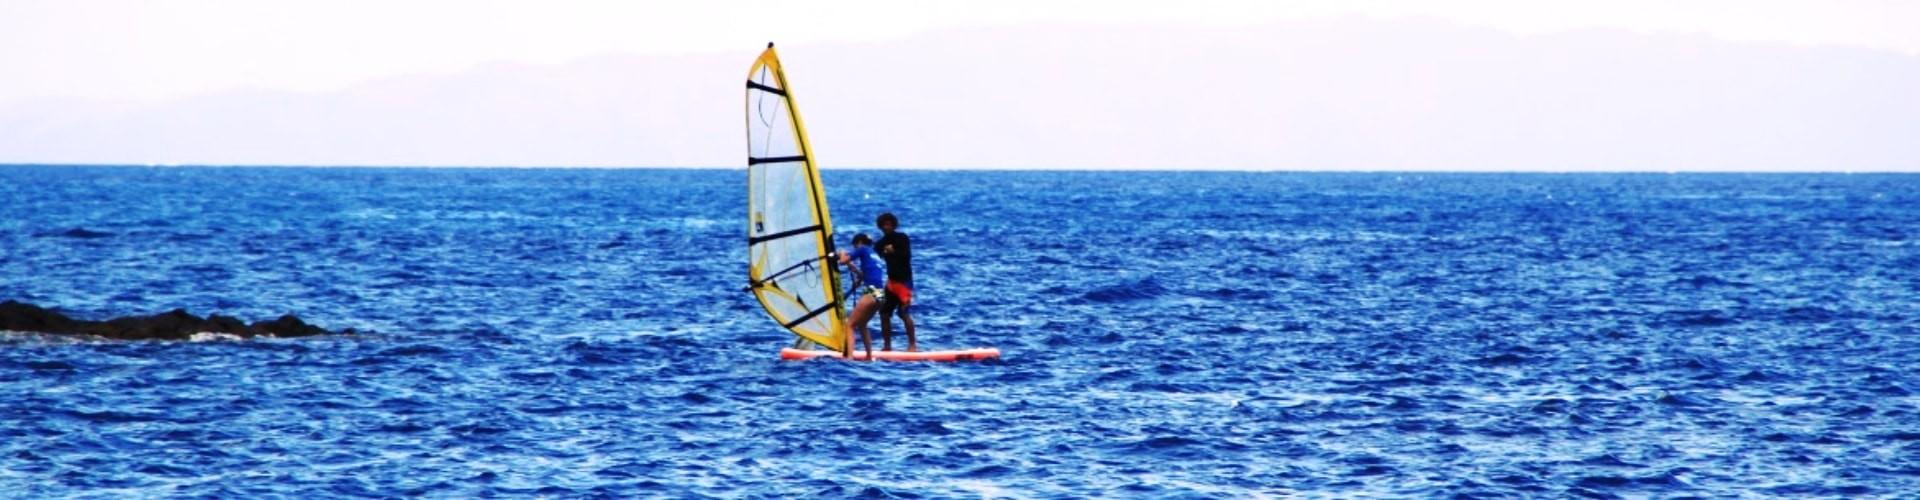 Reserve Windsurf  na Ilha da Madeira